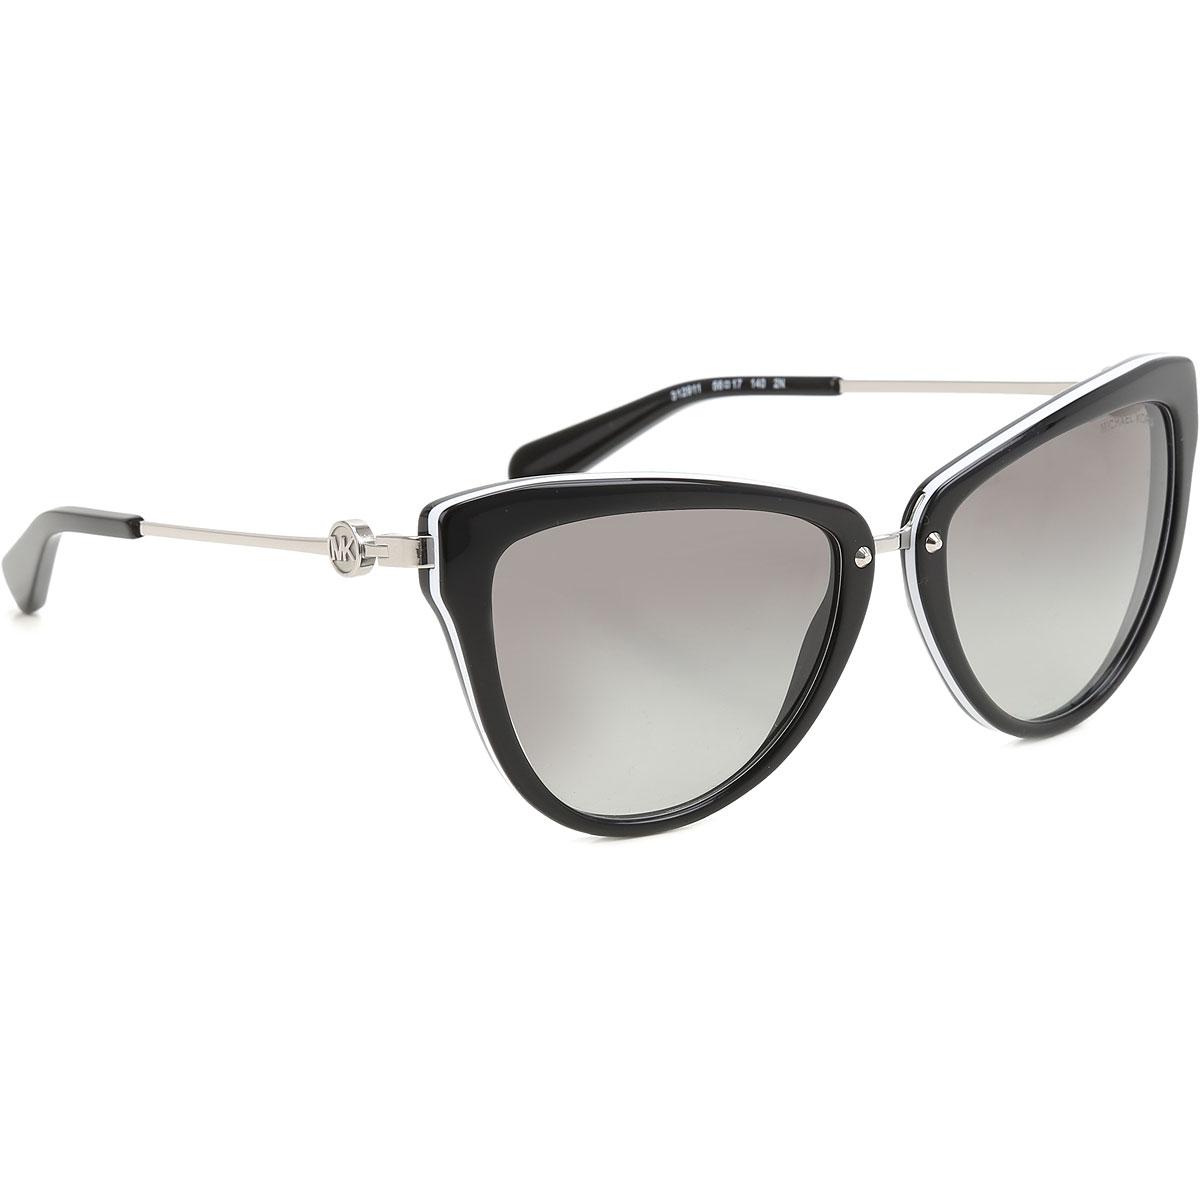 Michael Kors Sunglasses On Sale, 2017